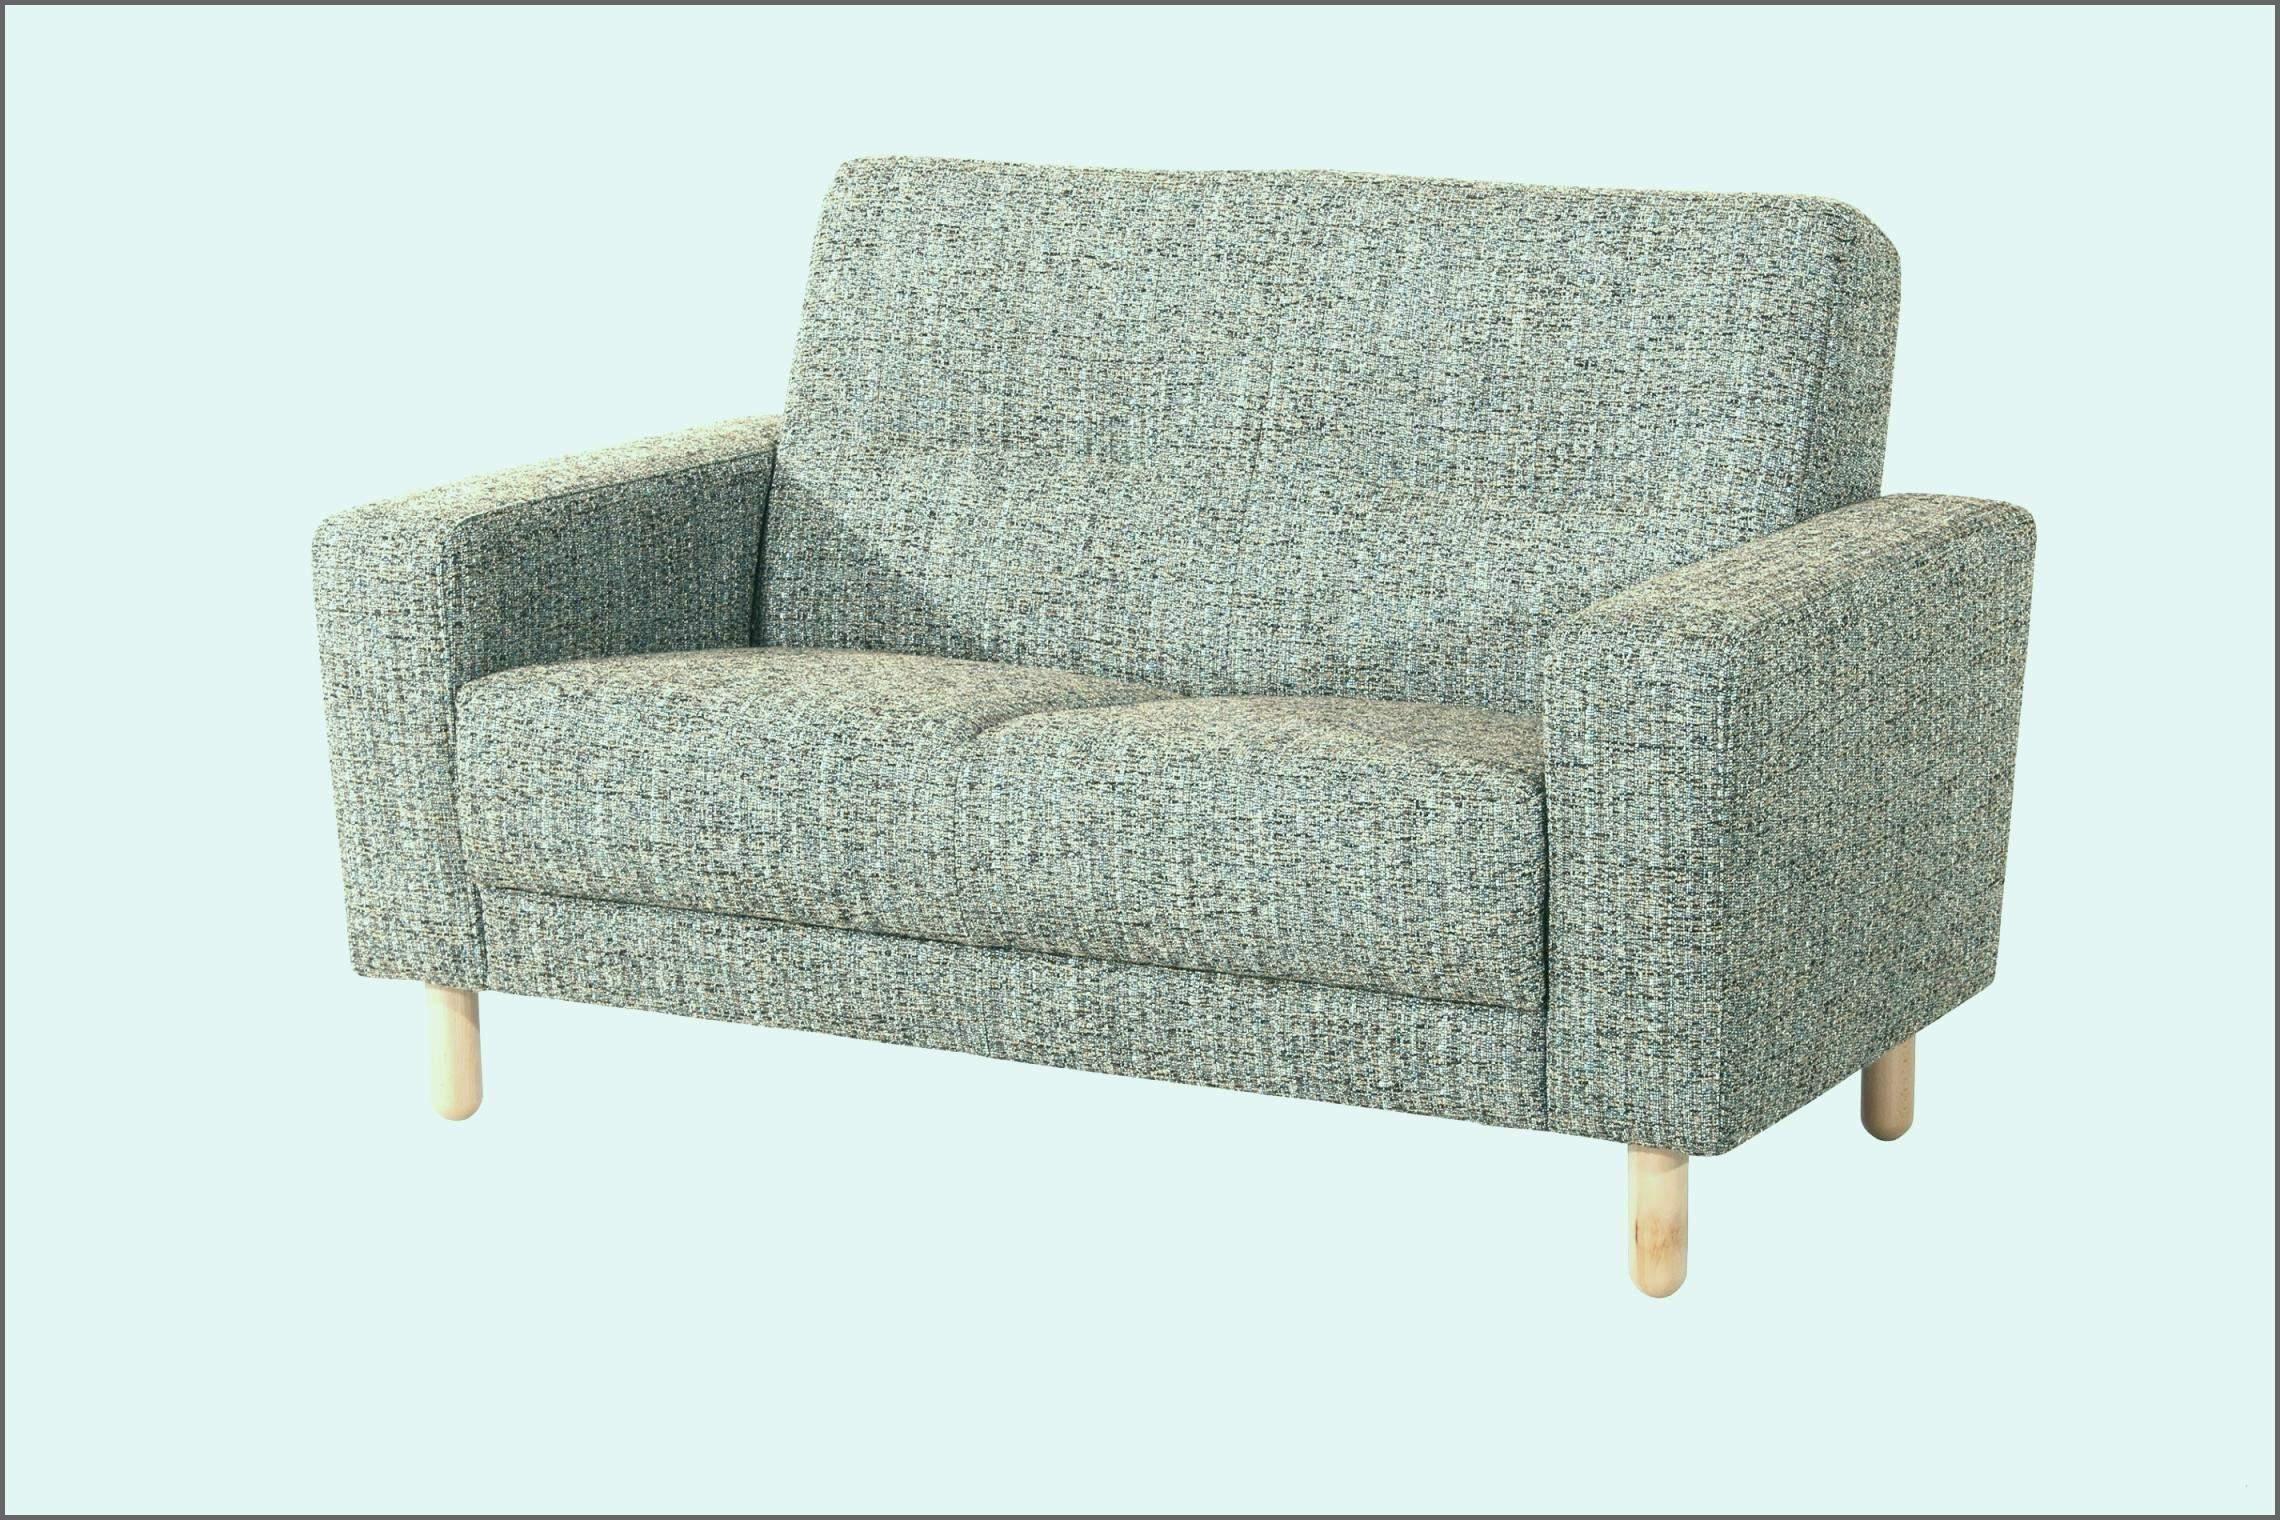 sitzecke wohnzimmer das beste von 40 allgemeines und sauber lounge sofa wohnzimmer of sitzecke wohnzimmer